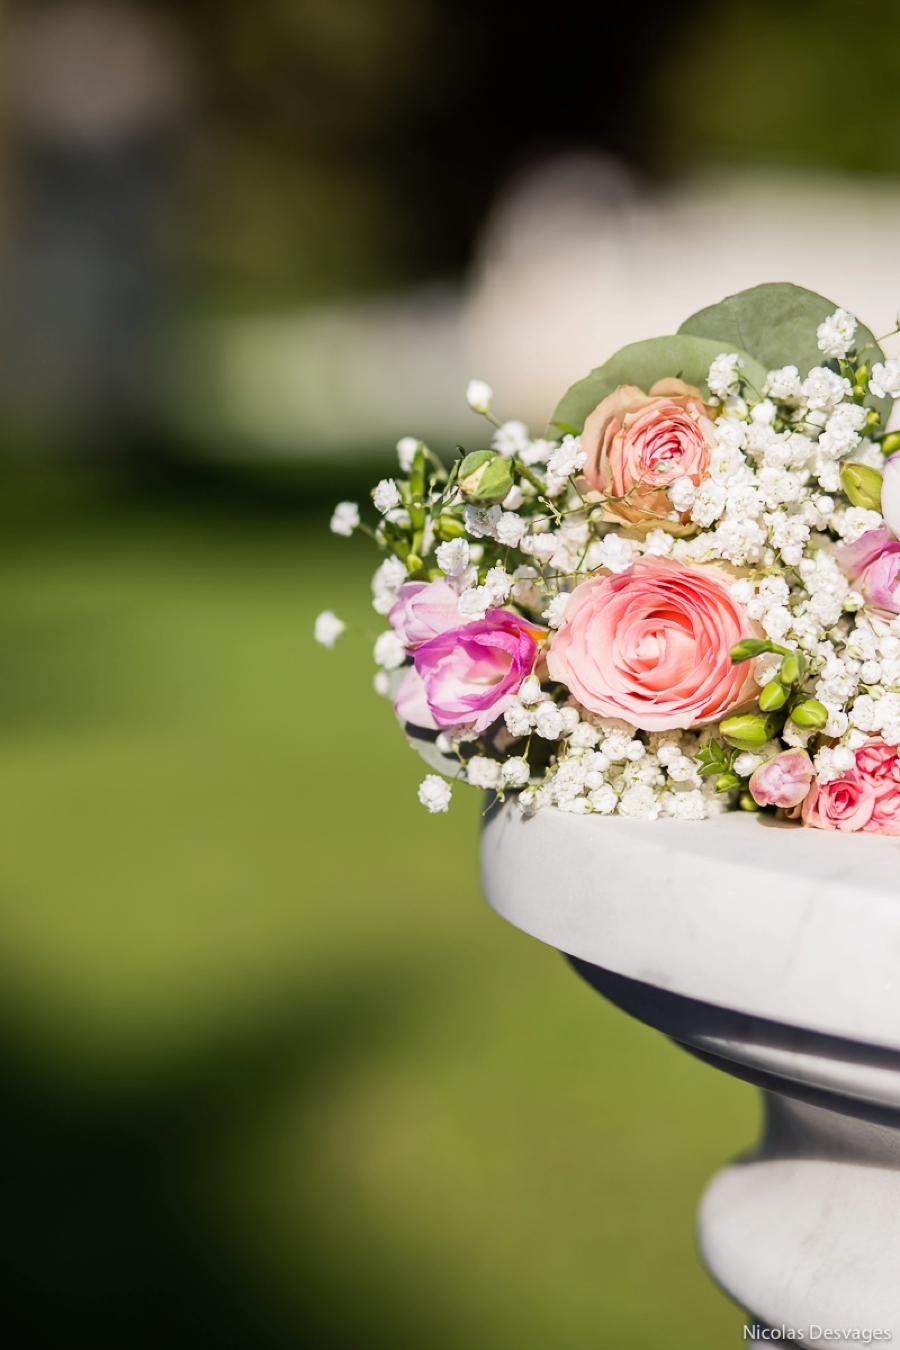 reportage-mariage-manoir-carabillon-mathieu_0063.jpg